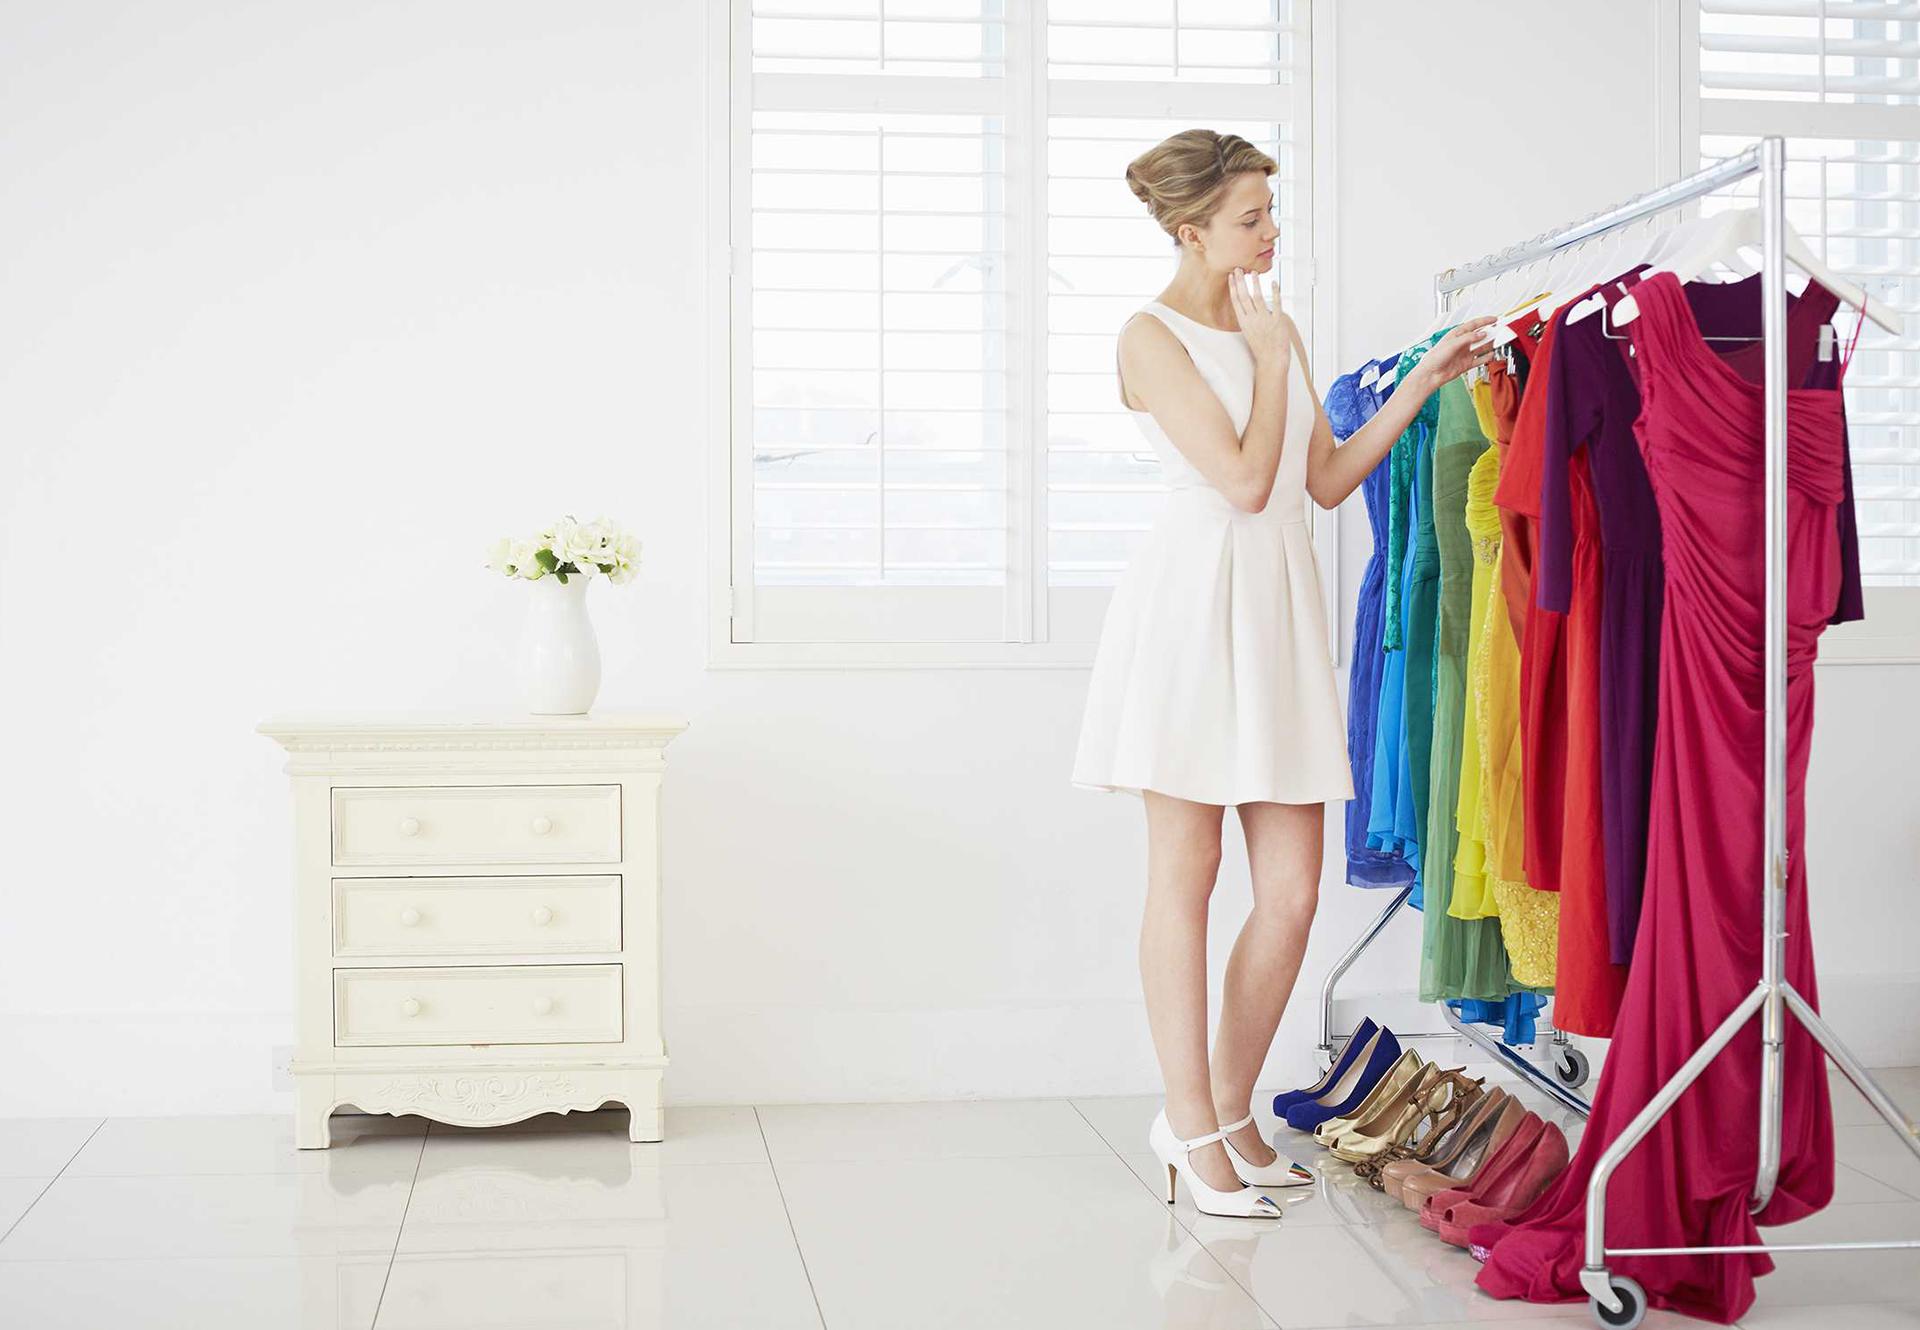 odabir prave obuće uz odeću